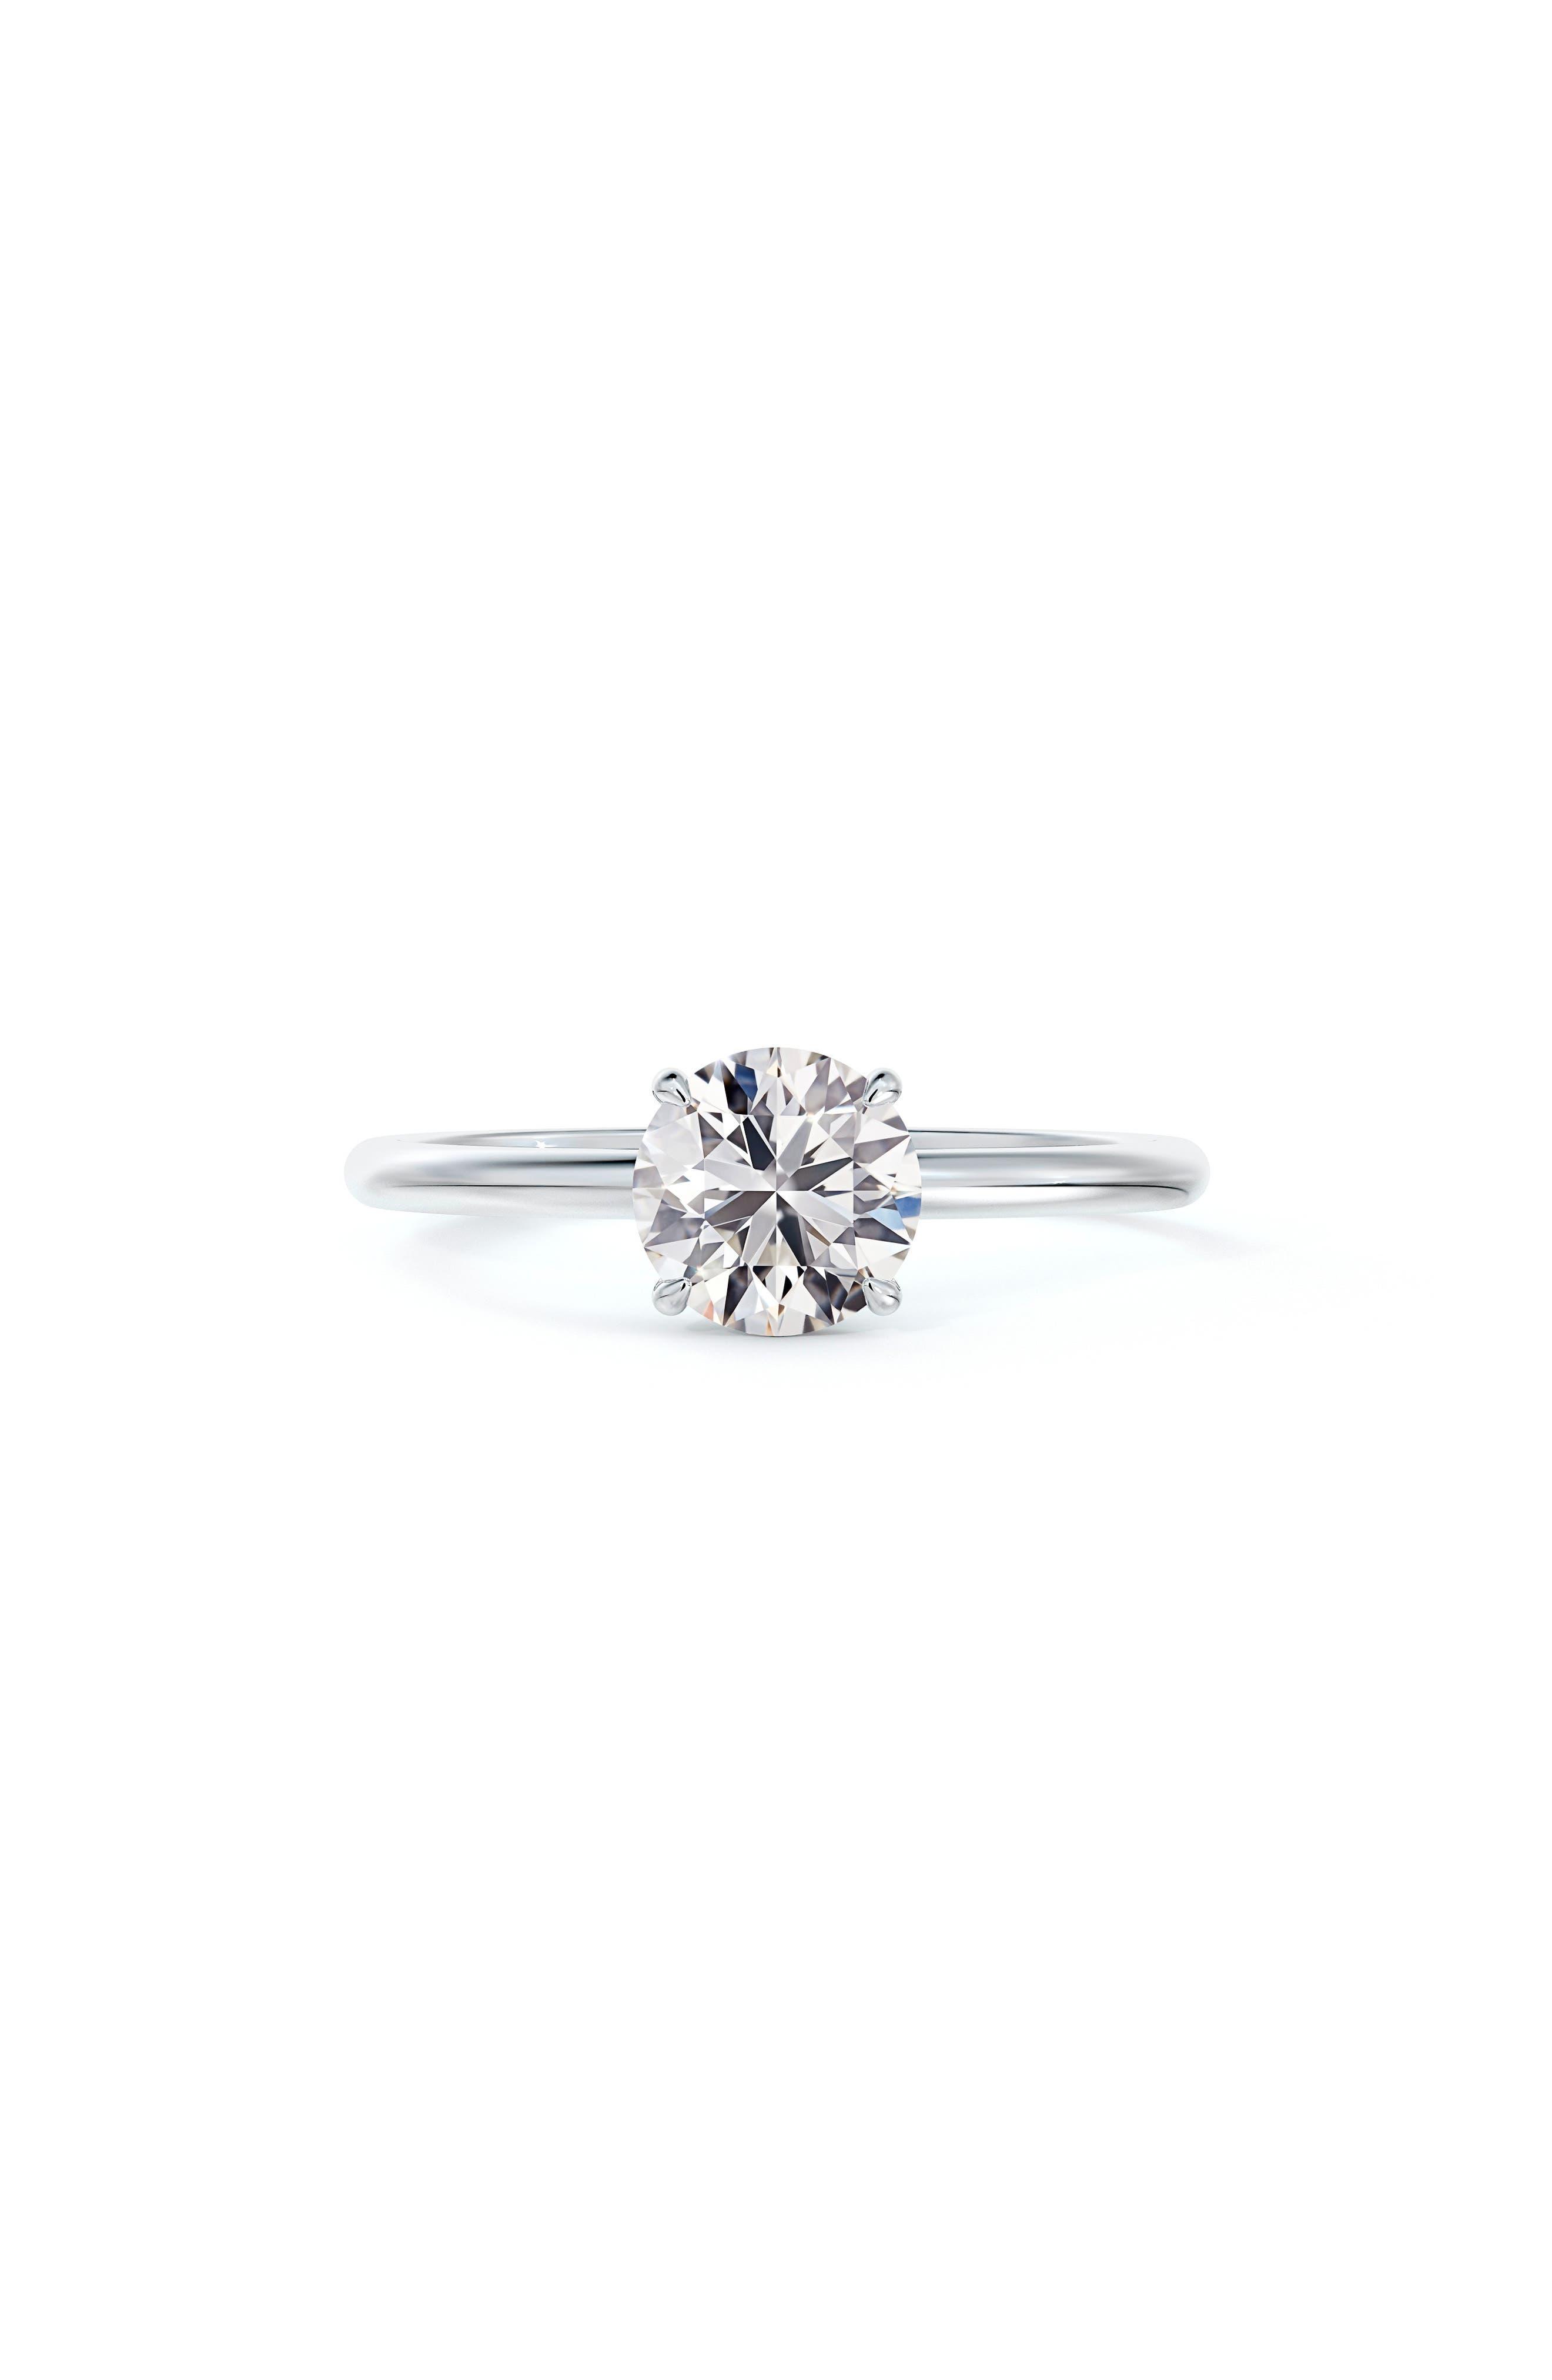 X Micaela Floating Round Diamond Engagement Ring